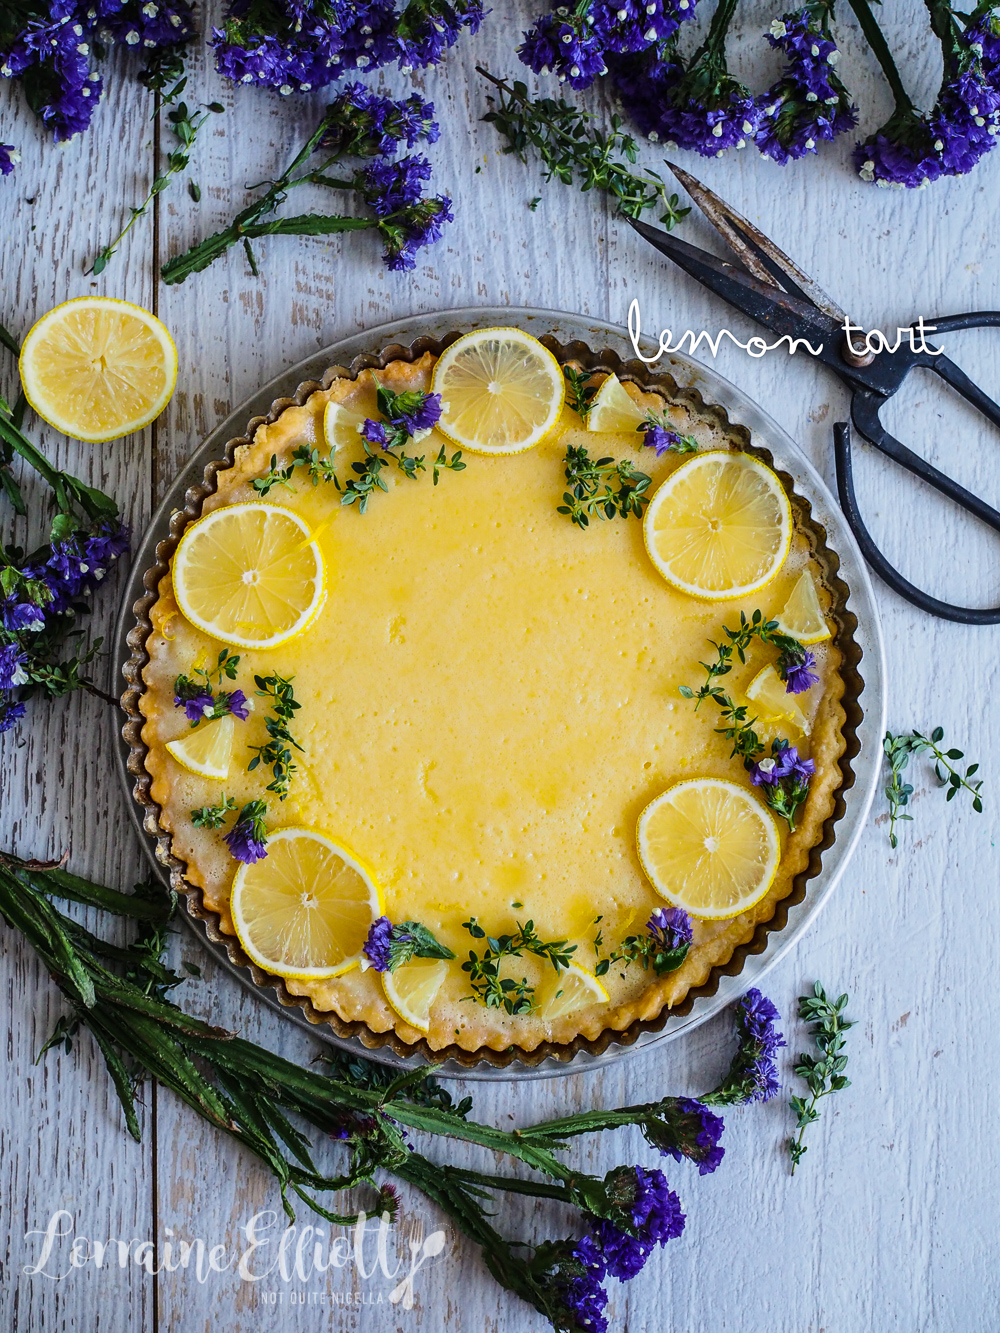 Lemon tart recipe